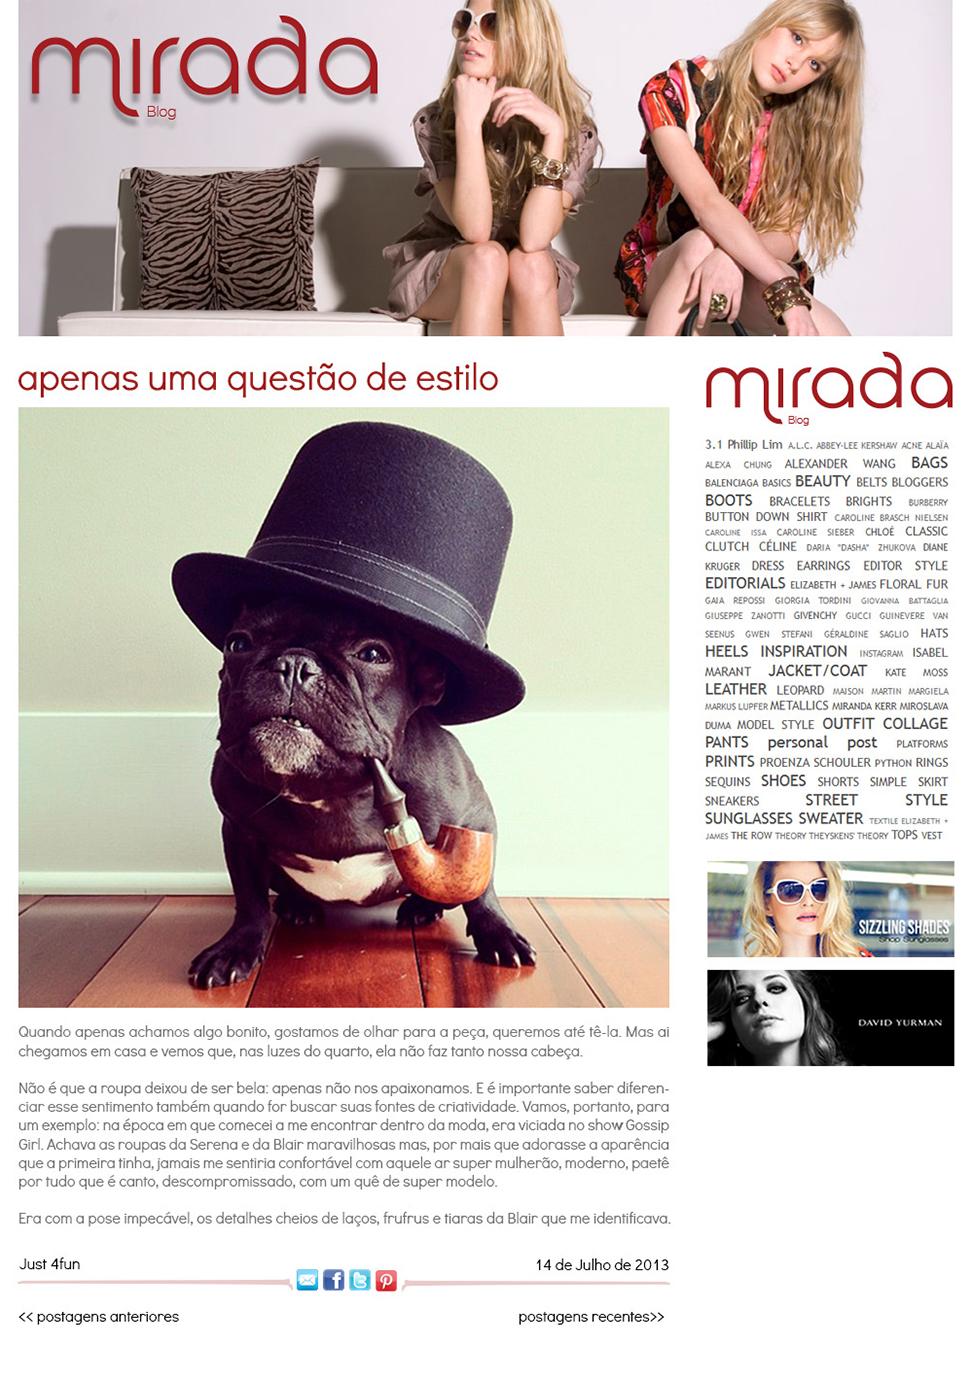 mirada_05